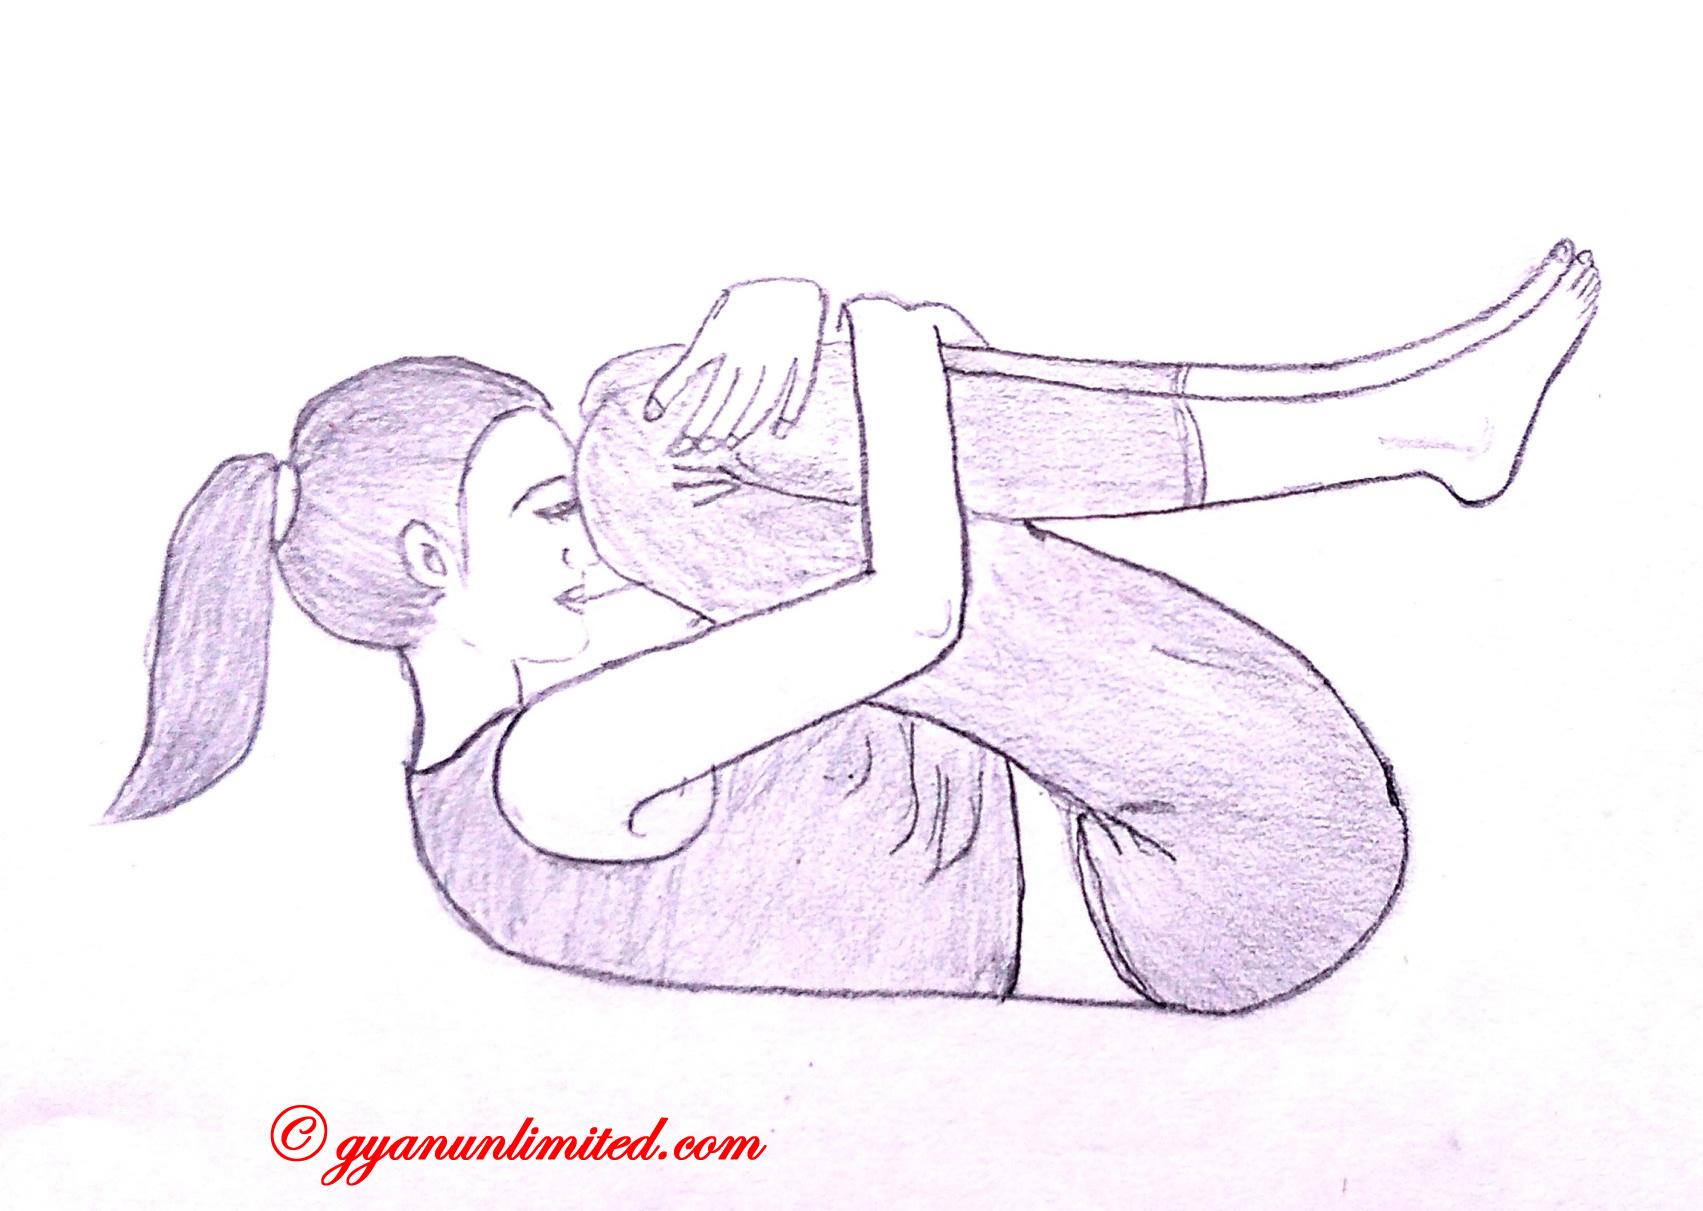 pawanmuktasana Schritte und Vorteile &quot;width =&quot; 1703 &quot;height =&quot; 1211 &quot;/&gt;</p><p>Im Folgenden werden die einfachen Schritte zum Ausführen von Pawanmuktasana beschrieben.</p><ul><li>Legen Sie sich in gerader Position auf den Rücken oder in Rückenlage.</li><li>Atme ein und hebe deine Beine um 90 Grad an</li><li>Atmen Sie aus, beugen Sie die Beine und versuchen Sie, die Knie zur Brust zu bringen.</li><li>Fassen Sie Ihre Knie an, indem Sie Ihre Finger ineinander greifen.</li><li>Heben Sie den Kopf und berühren Sie Ihre Stirn mit den Knien.</li><li>Atmen Sie normal, während Sie die Pose beibehalten.</li><li>Zuerst den Kopf nach unten und dann mit den Beinen.</li><li>Dies ist die eine Runde.</li><li>Machen Sie 2 bis 3 Runden.</li></ul><h2>Vorteile von Pawanmuktasana</h2><ol><li> <strong>Massage der inneren Organe</strong>: Bauchmuskeln werden zusammengedrückt und Nerven stimuliert, wodurch die Durchblutung gesteigert wird, wodurch die Effizienz der Bauchmuskulatur gesteigert wird. In der Tat ist dies die ausgezeichnete Yoga-Haltung, um den Bauch zu massieren.</li><li> <strong>Schadgase entfernen</strong>: Das grundlegende Motto der Asana besteht darin, schädliche Gase, Giftstoffe und eingeschlossene Gase aus dem Körper freizusetzen, wodurch die Wirksamkeit verschiedener Organe erhöht wird.</li><li> <strong>Verstopfung</strong>: Es macht die Verdauung glatt und gut, um Verstopfung zu überwinden.</li><li> <strong>Fettverbrennung</strong>: Die regelmäßige Anwendung dieser Asana hilft bei der Verbrennung von Bauchfett.</li><li> <strong>Gewichtsverlust</strong>: Die regelmäßige Praxis und die Aufrechterhaltung eines bestimmten Zeitraums trägt dazu bei, Bauchfett, Arme, Oberschenkel, Gesäß zu reduzieren und ist somit für die Gewichtsabnahme geeignet.</li><li> <strong>Sterilität und Impotenz</strong>: Die regelmäßige Anwendung der Haltung ist gut für die Behandlung von Sterilität und Impotenz, da sie einen ausreichenden Druck auf die Fortpflanzungsorgane